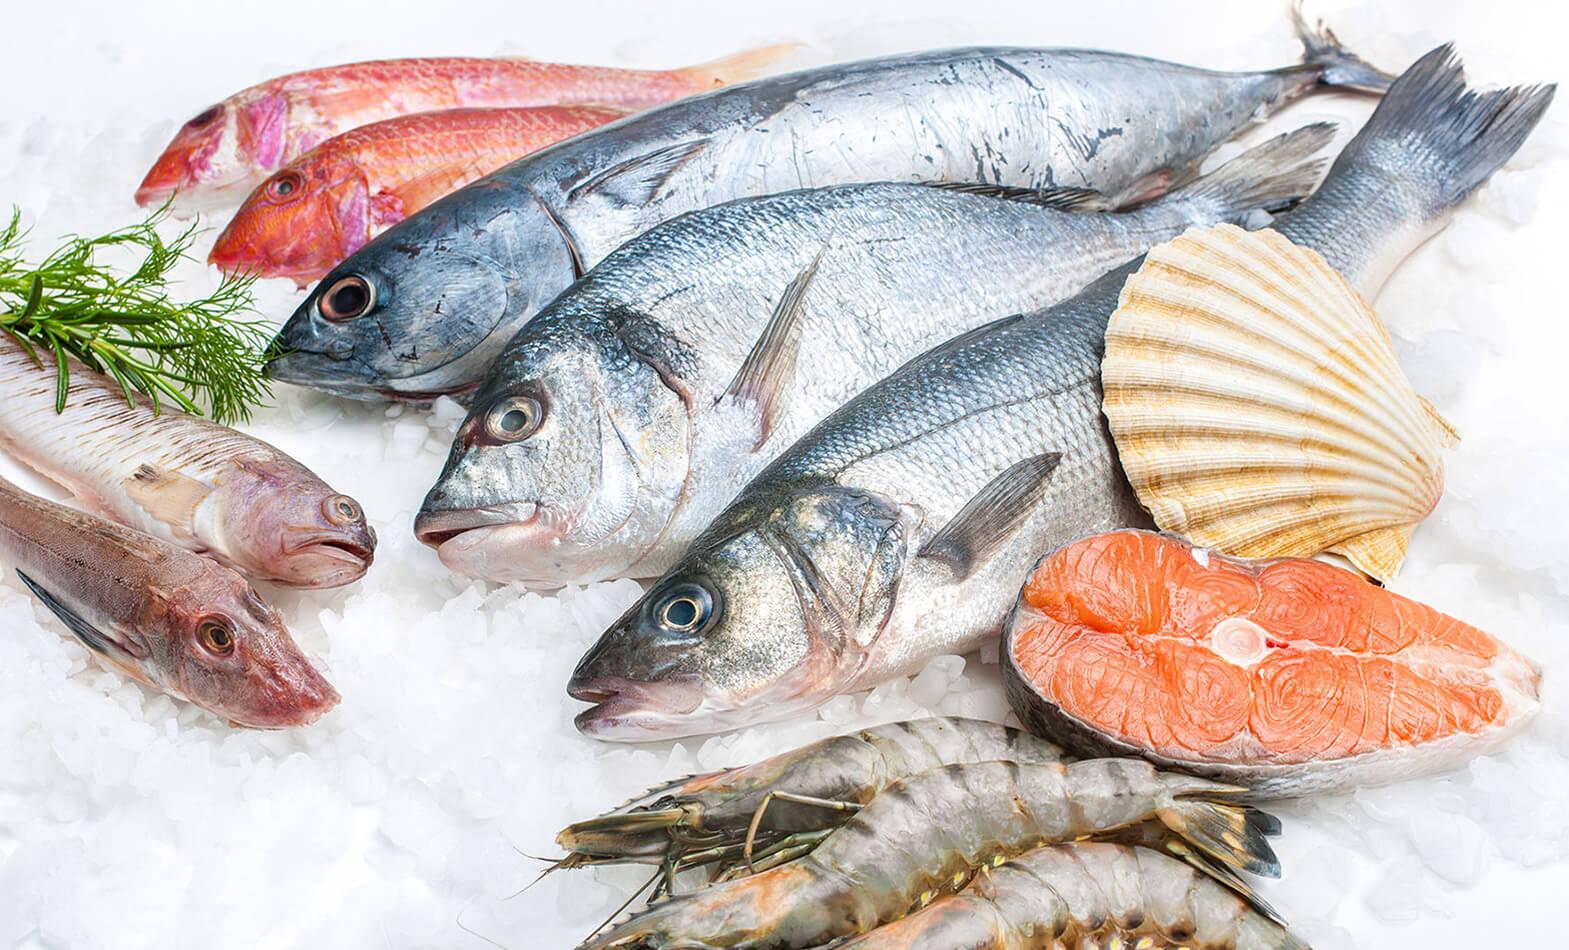 ‼️У нас НОВИНКА, рыба БЕЗ КОНСЕРВАНТОВ: срок хранения нашей рыбки 15 дней!!!